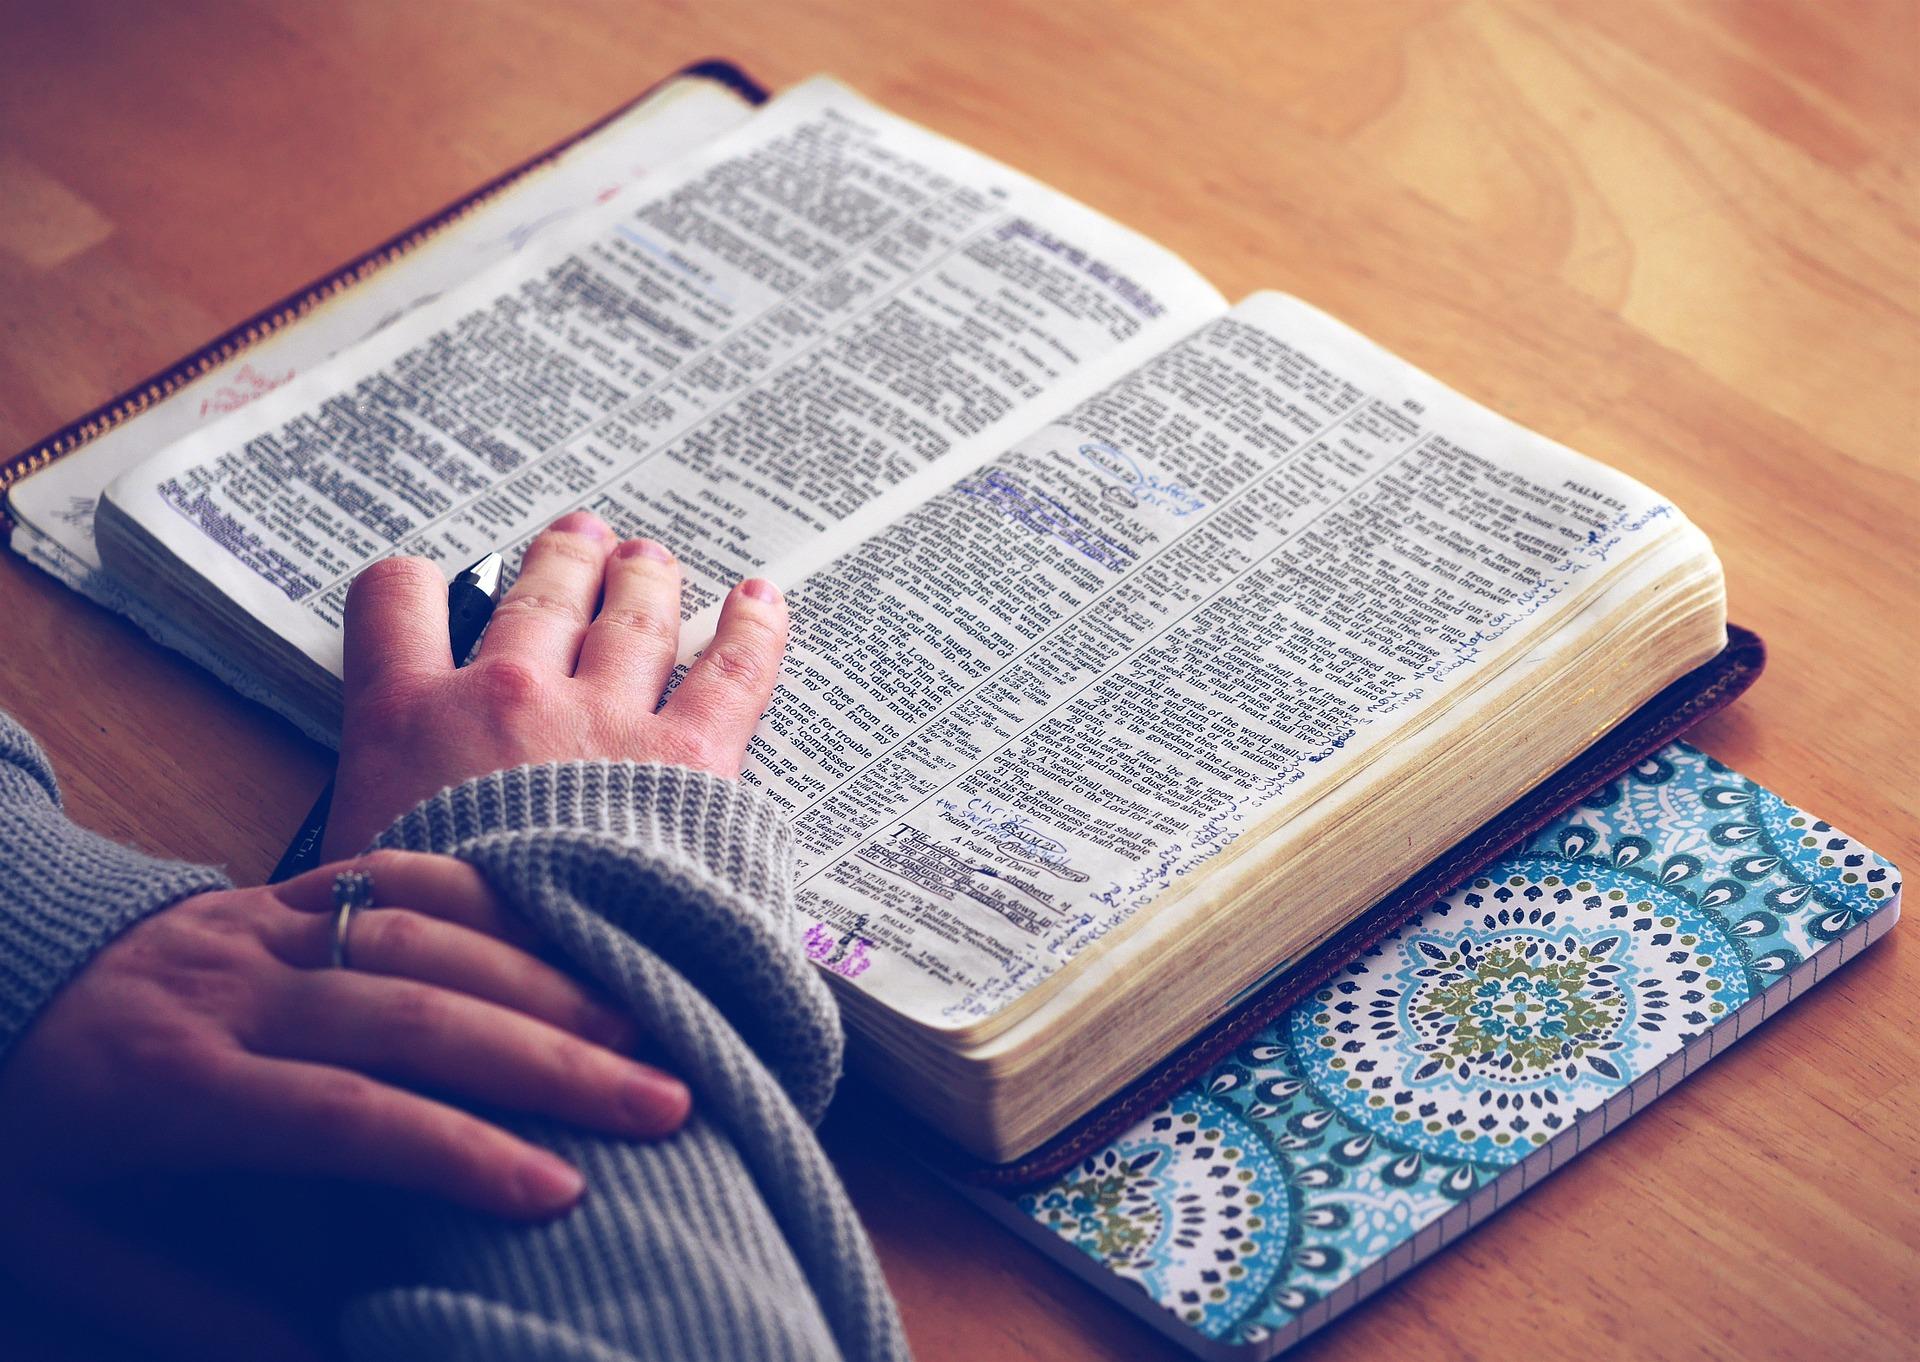 Nimm Gottes Wort ernst und vor allem genau!